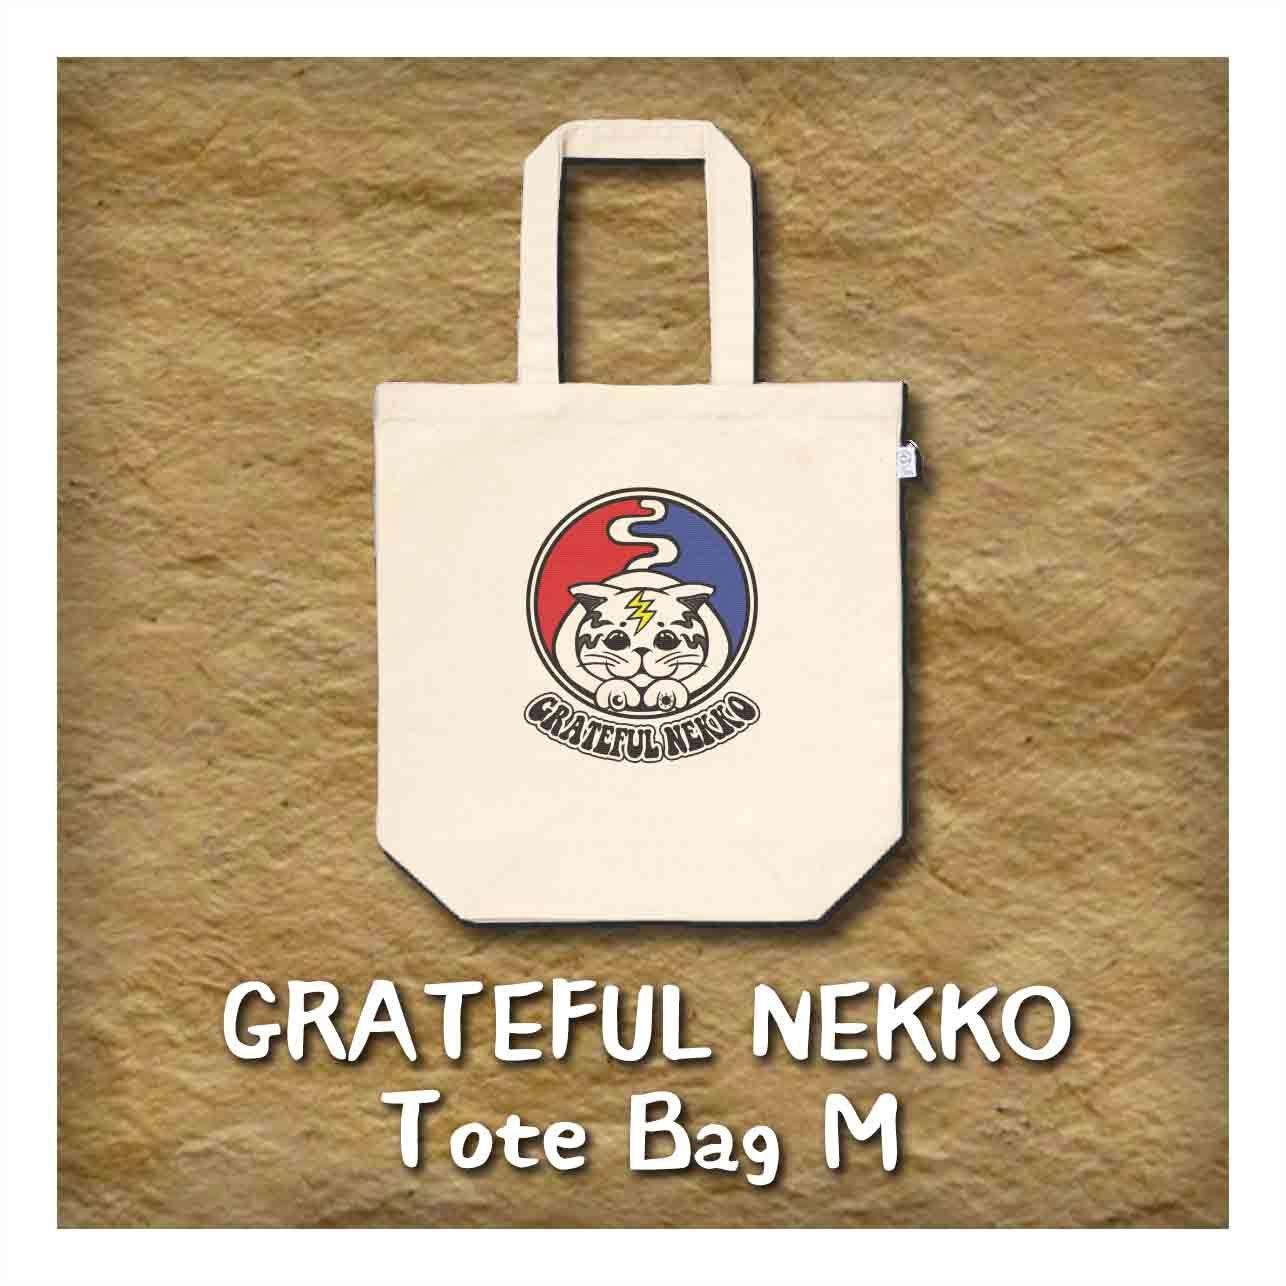 トートバッグM 『Grateful Nekko』